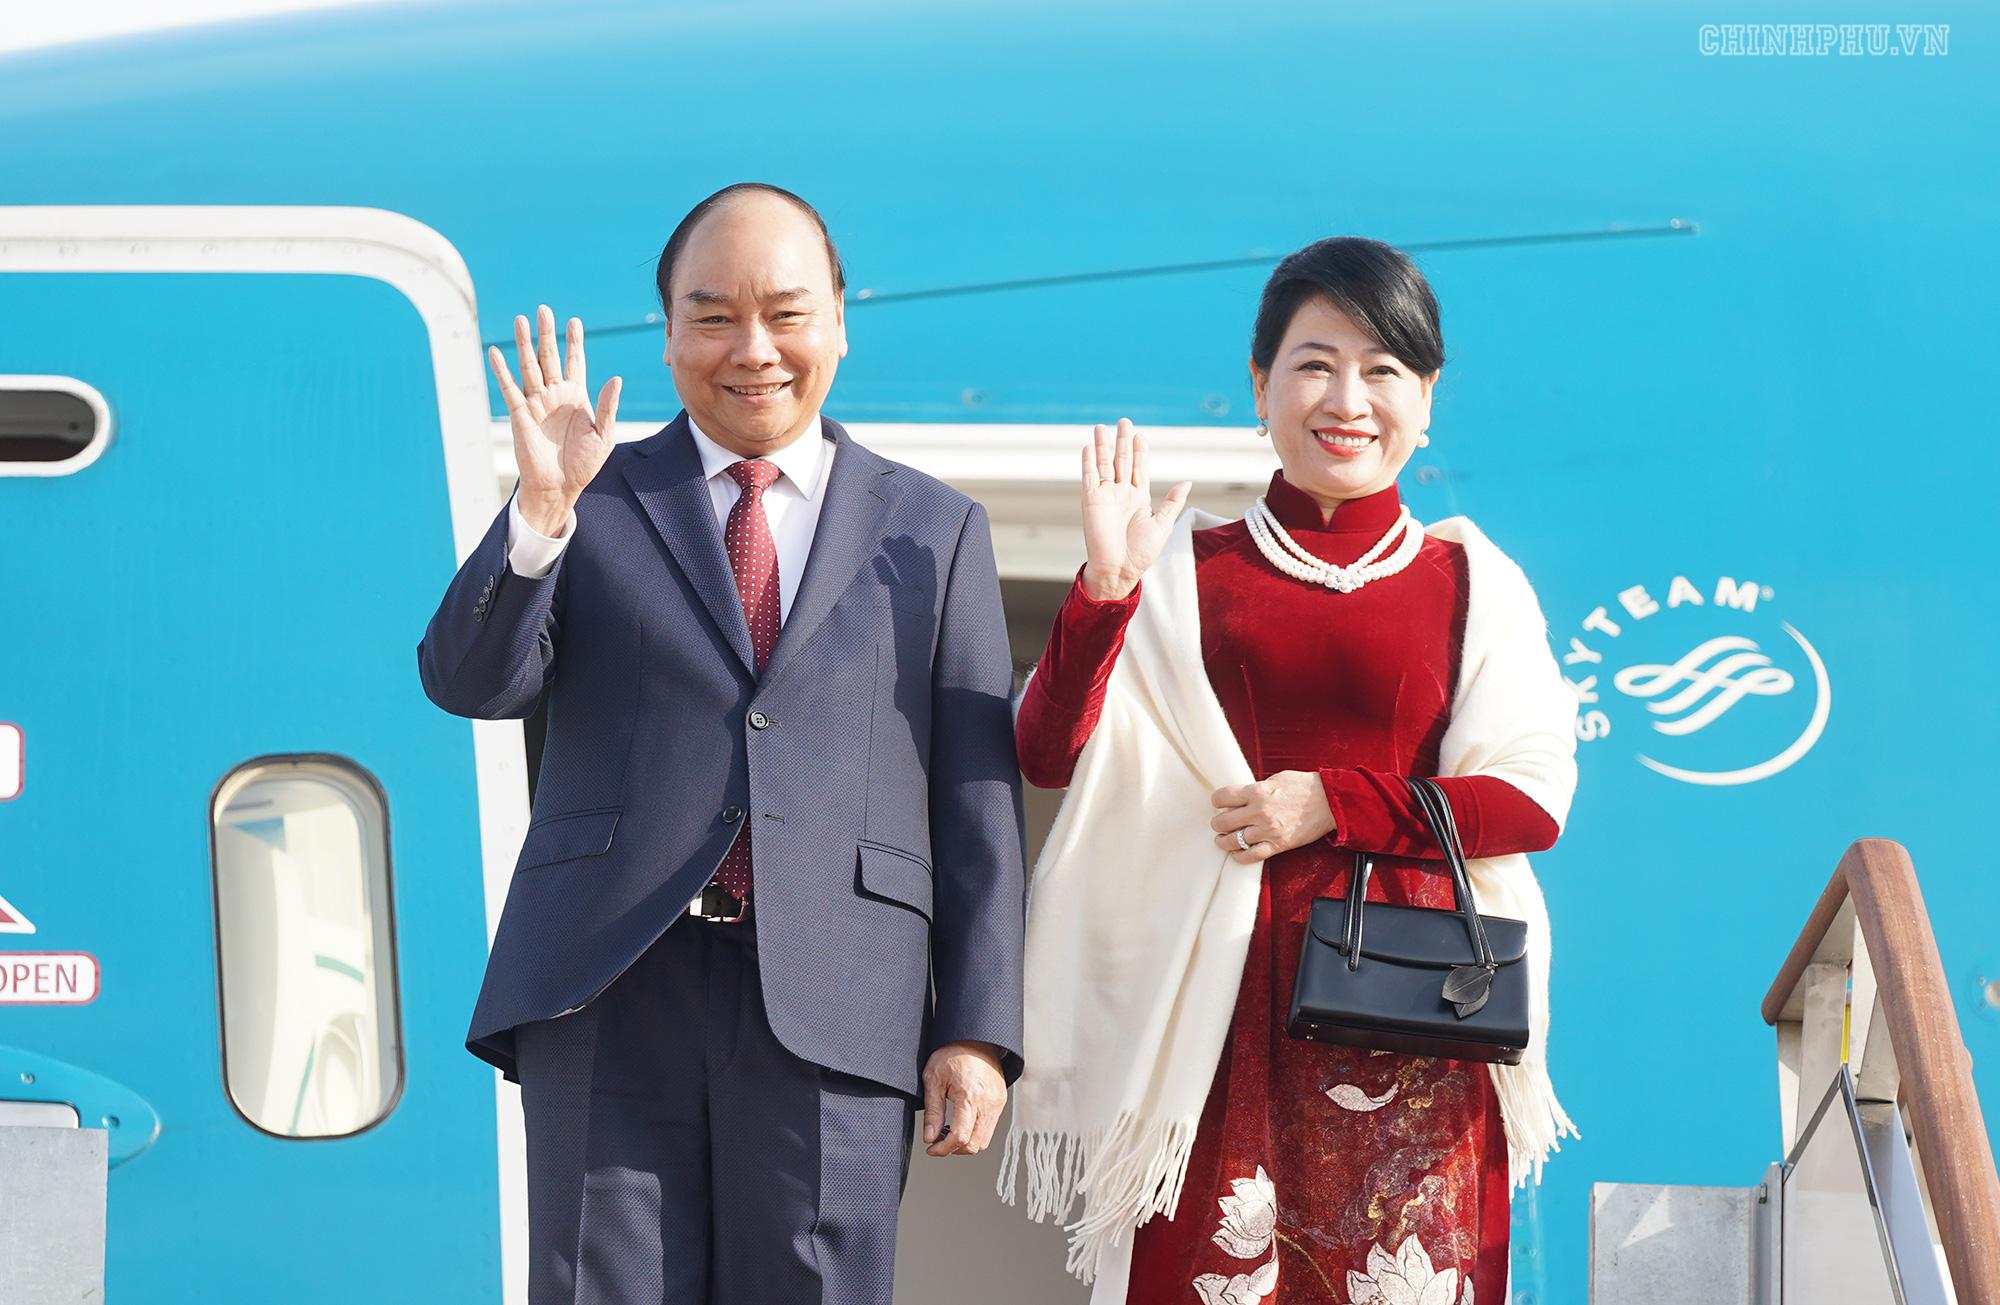 Lễ đón chính thức Thủ tướng Nguyễn Xuân Phúc tại Thủ đô Seoul, Hàn Quốc - Ảnh 1.